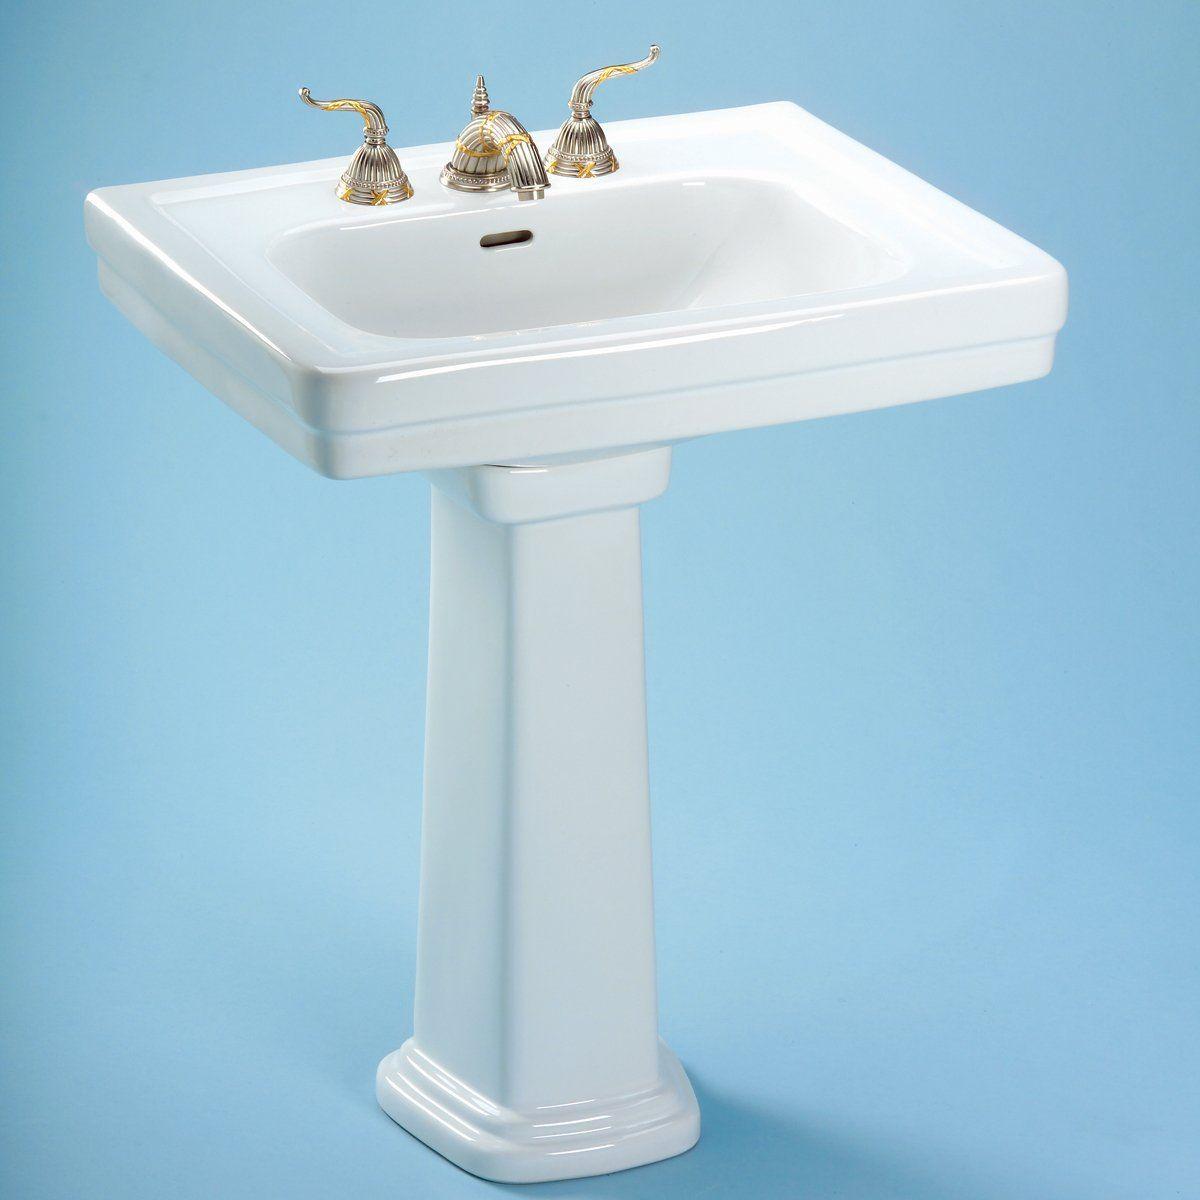 Toto LPT530.8N#01 Promenade Pedestal Sink | Bathing Beauties ...